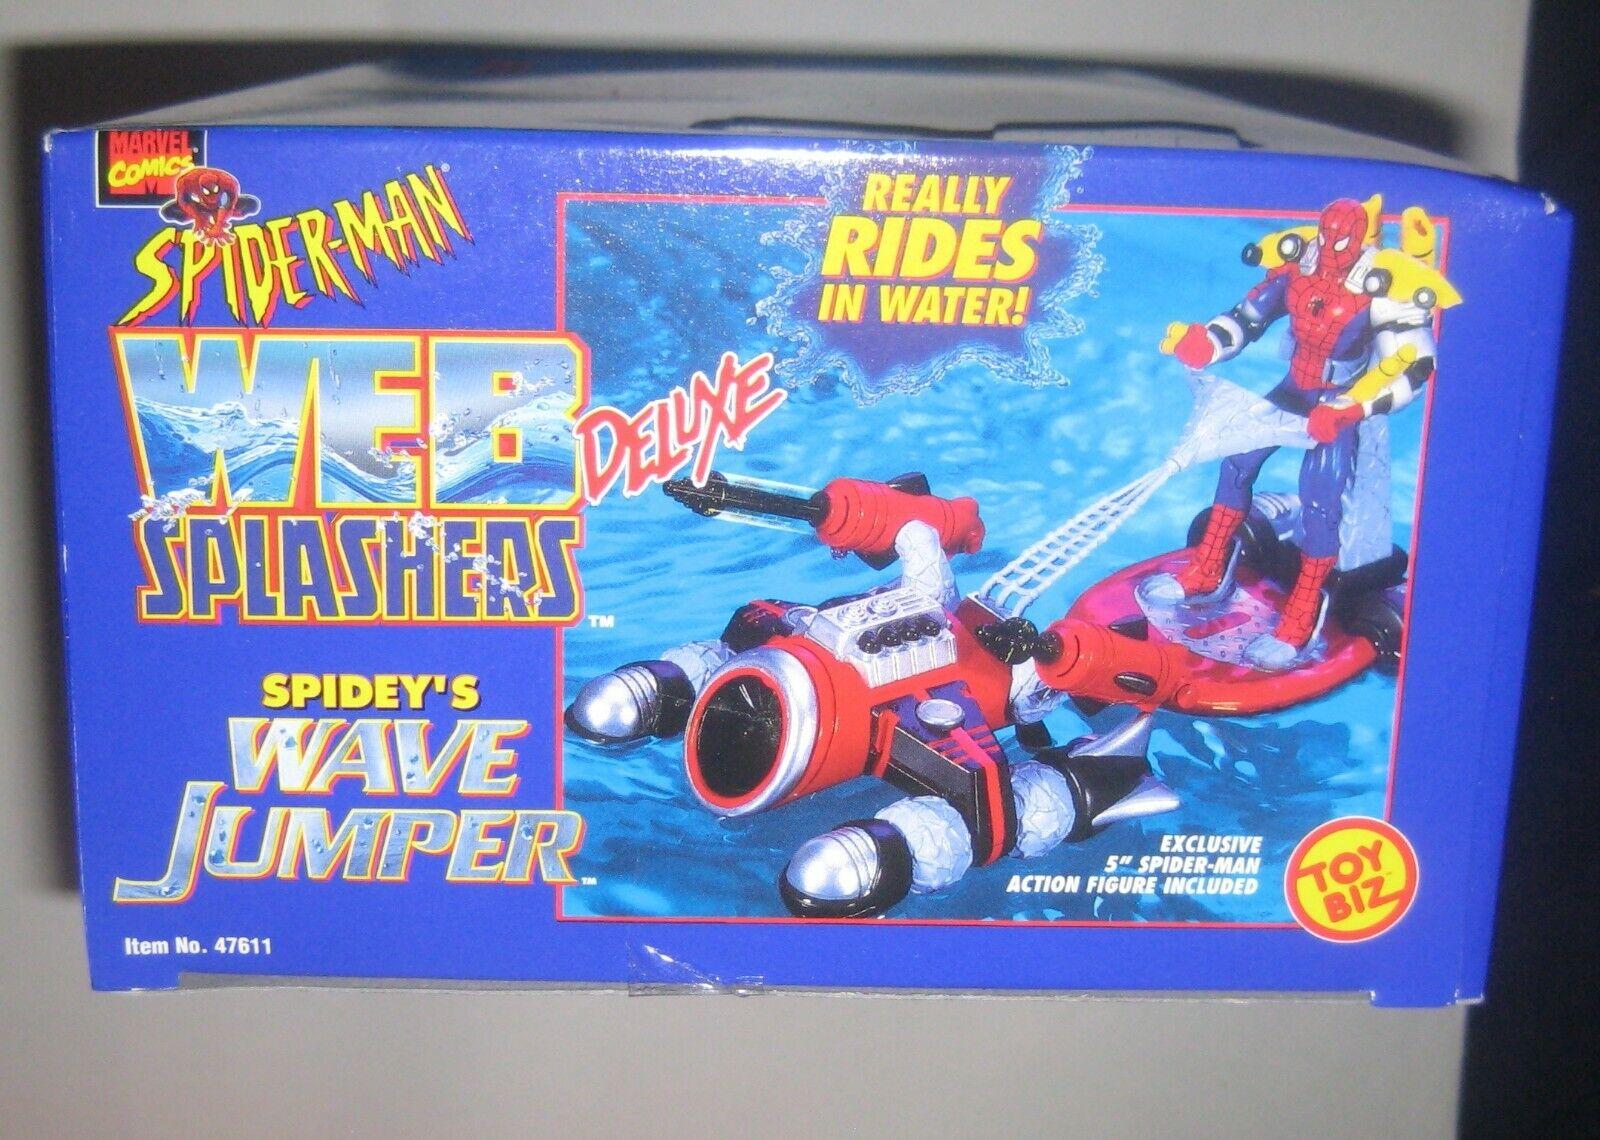 Spider-Man WEB Splashers Spidey's Wave Jumper ToyBiz 1997 Marvel Comics